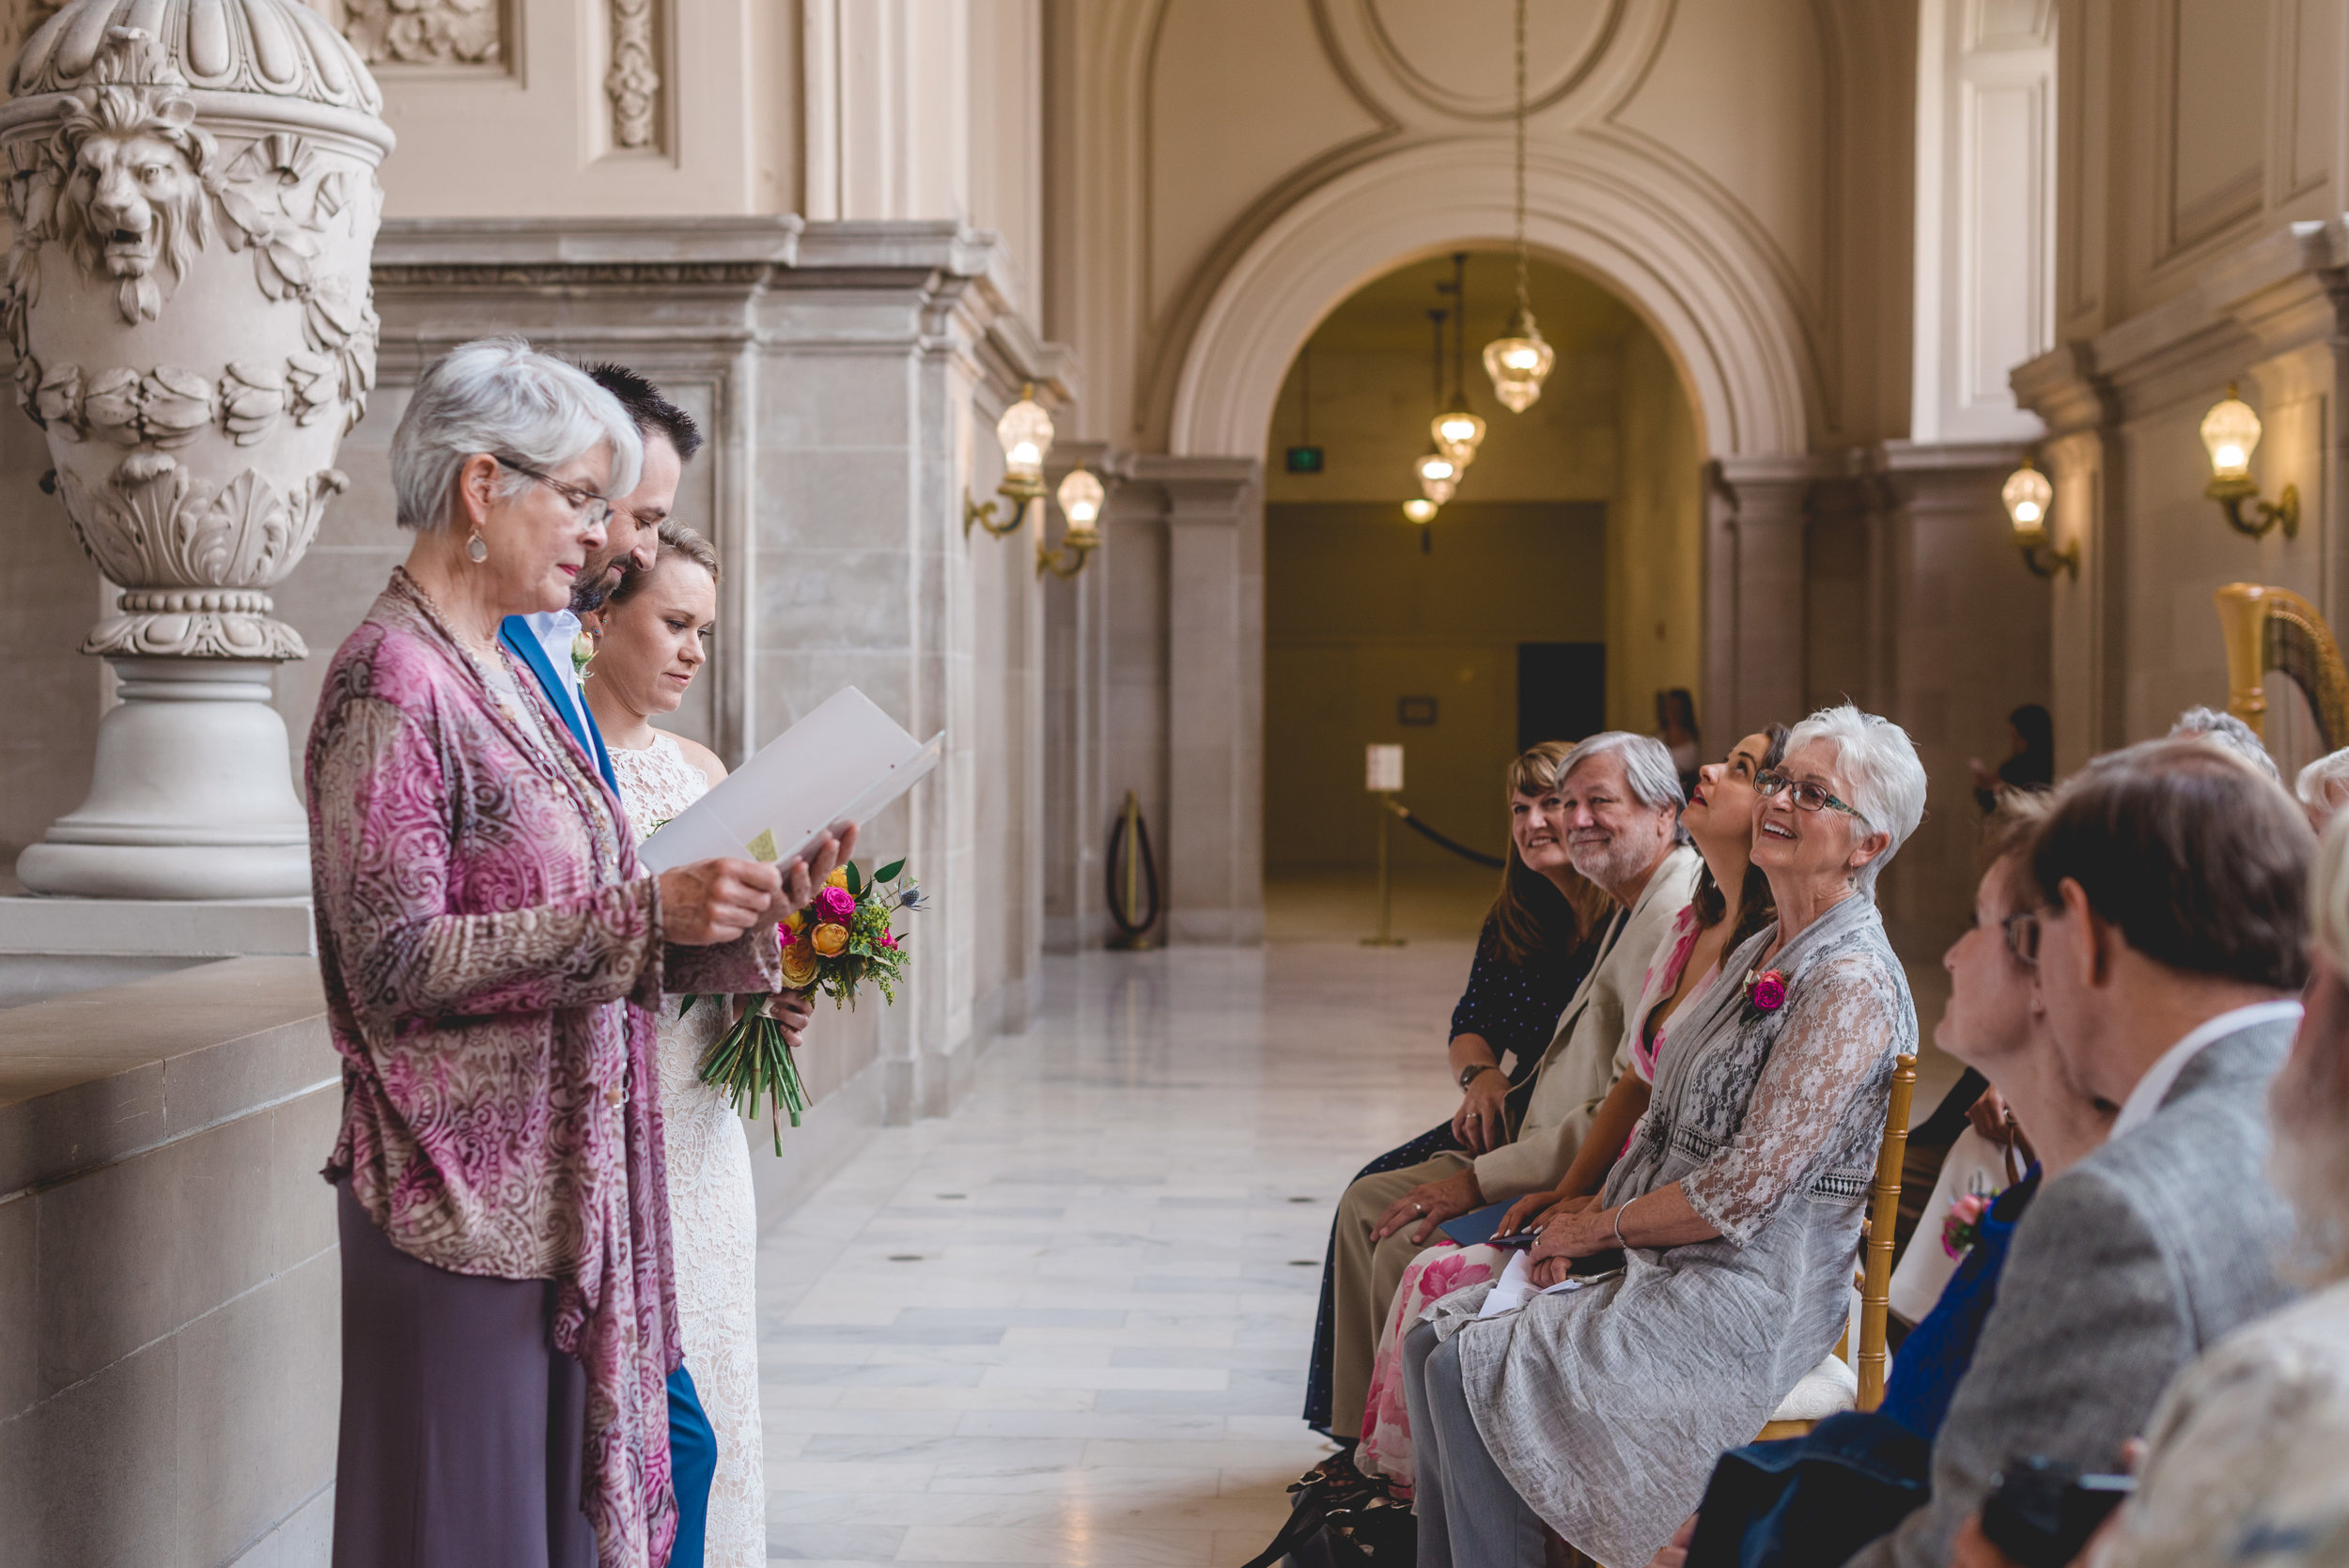 mcdaniels_conroy-wedding-ceremony-47.jpg